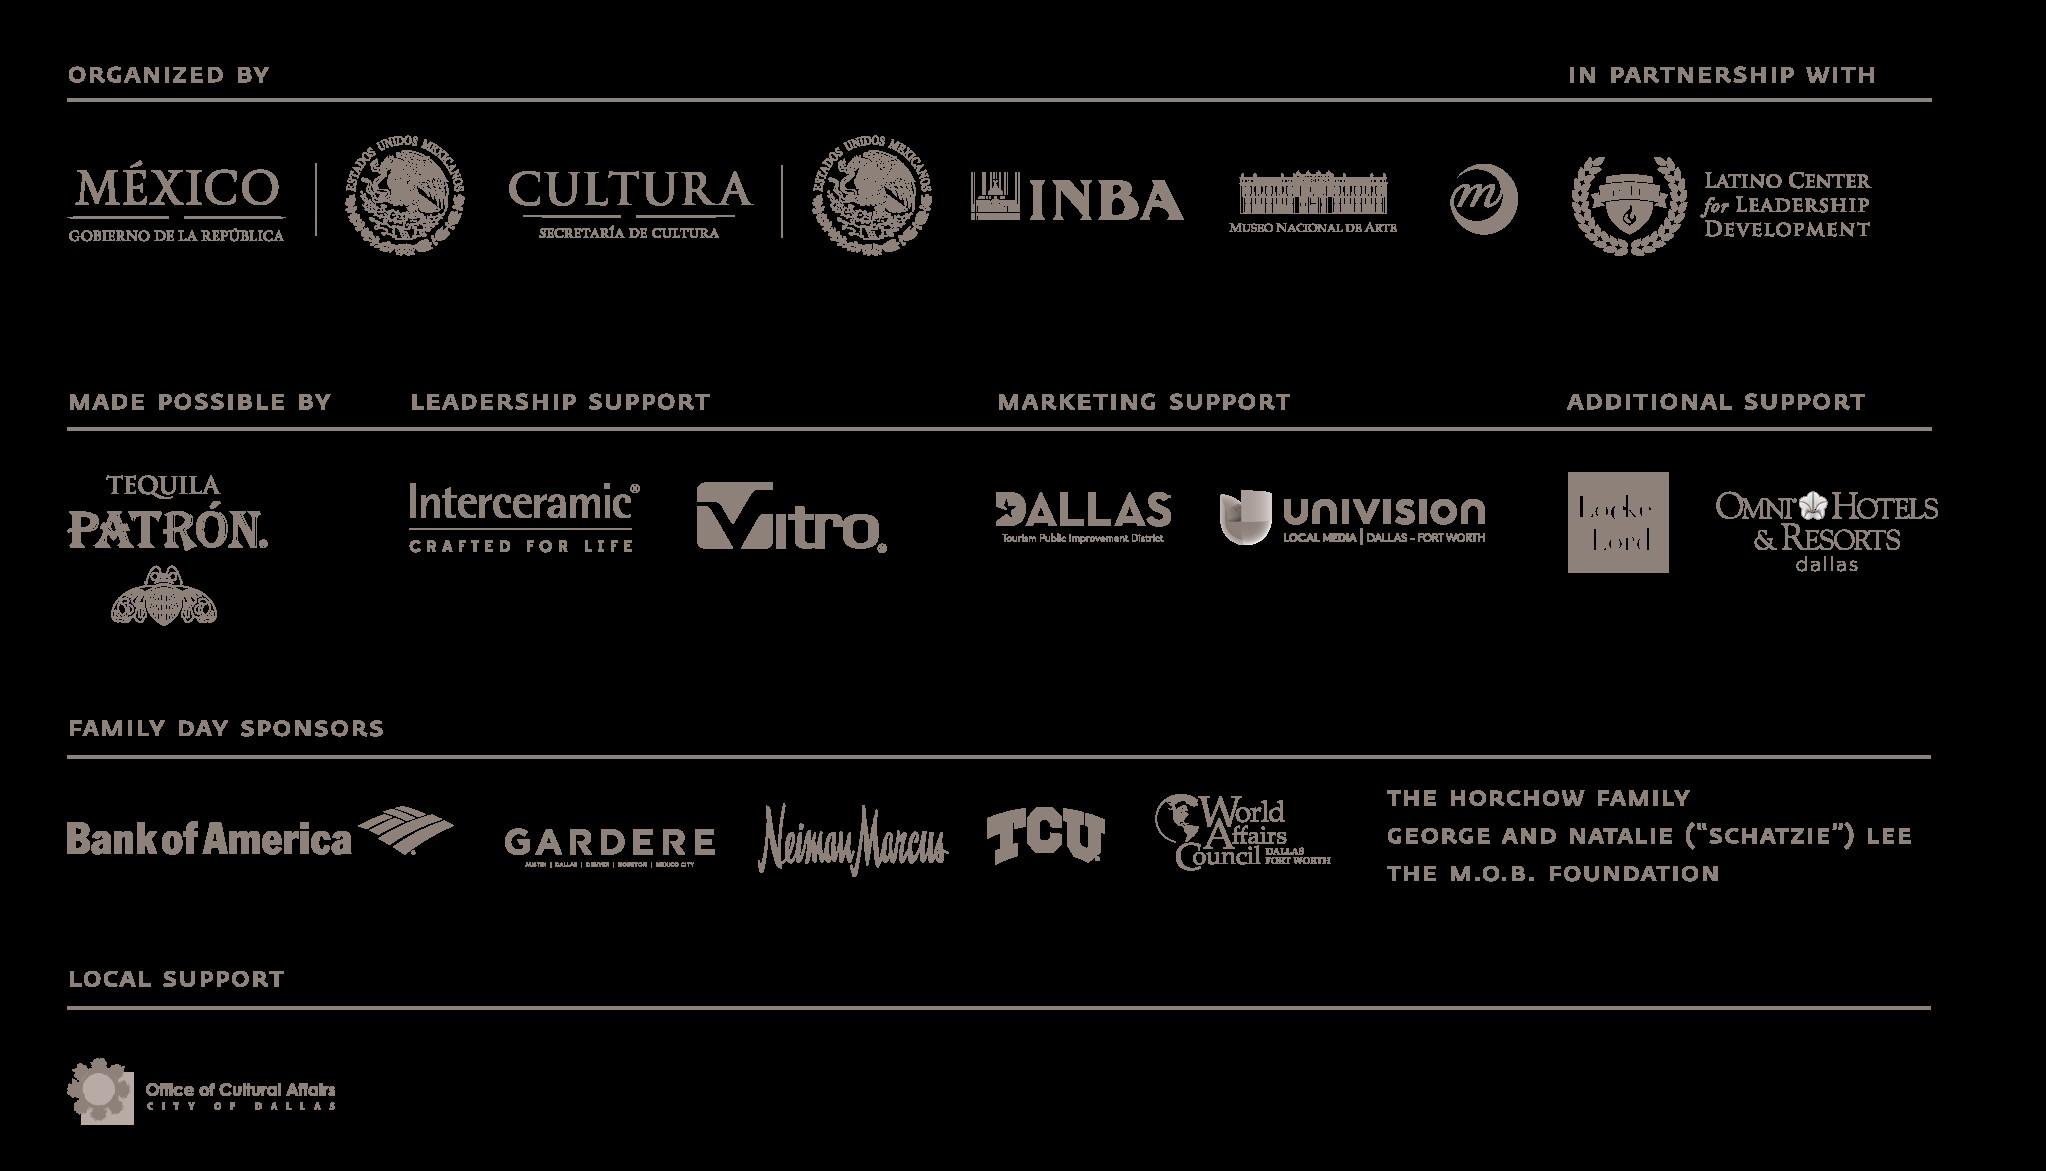 Calendario 2019 Mexico Almanaque Mundial 2019 Televisa Actual Arte Mexicano Linea Del Tiempo Of Calendario 2019 Mexico Almanaque Mundial 2019 Televisa Más Populares 25 Cosas Siniestras De La Escuela Lxii